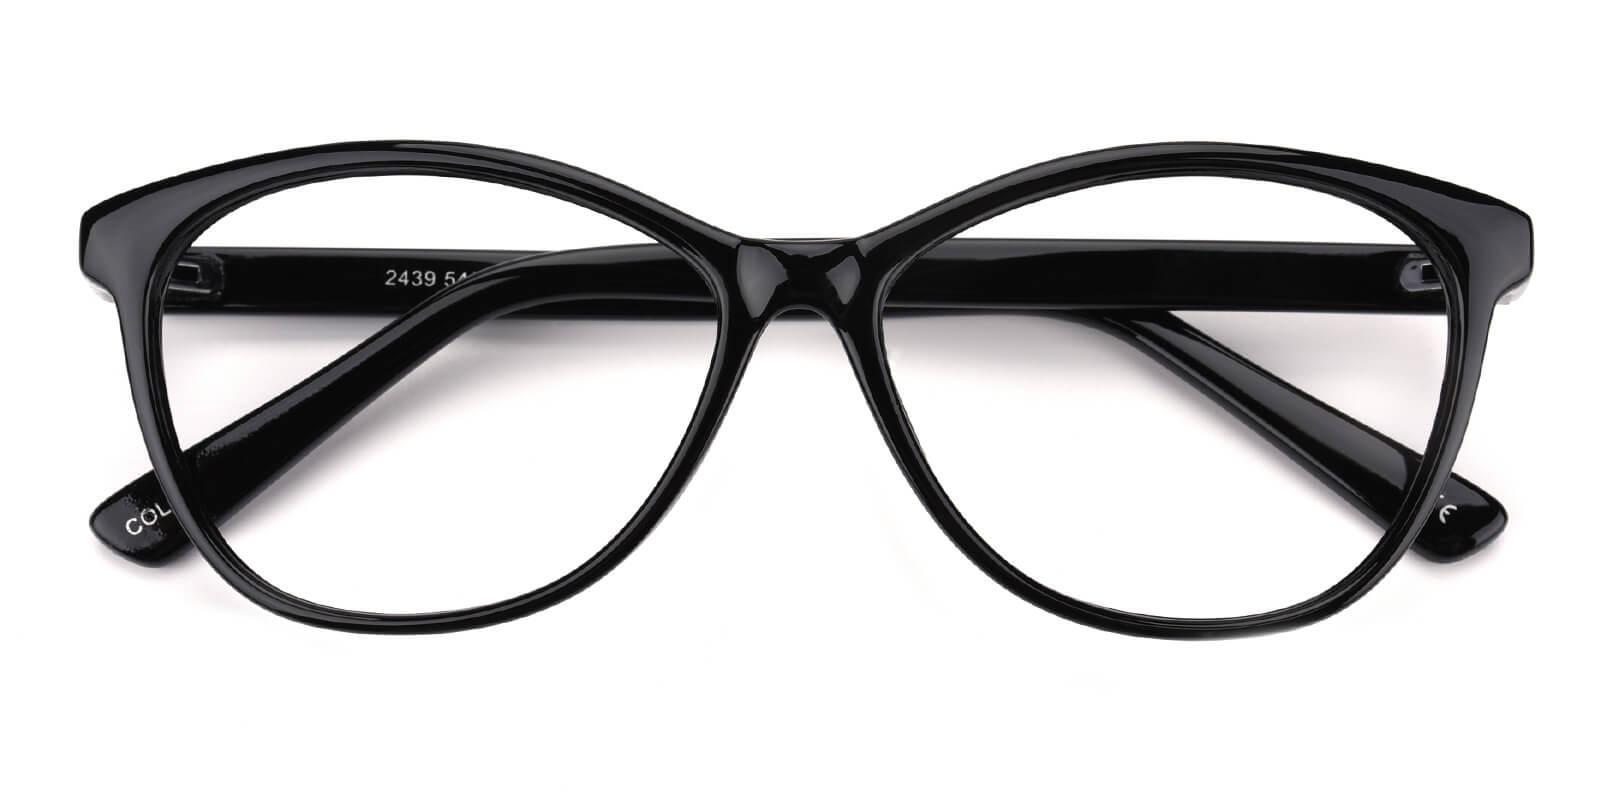 Netfertari-Black-Cat-Plastic-Eyeglasses-detail